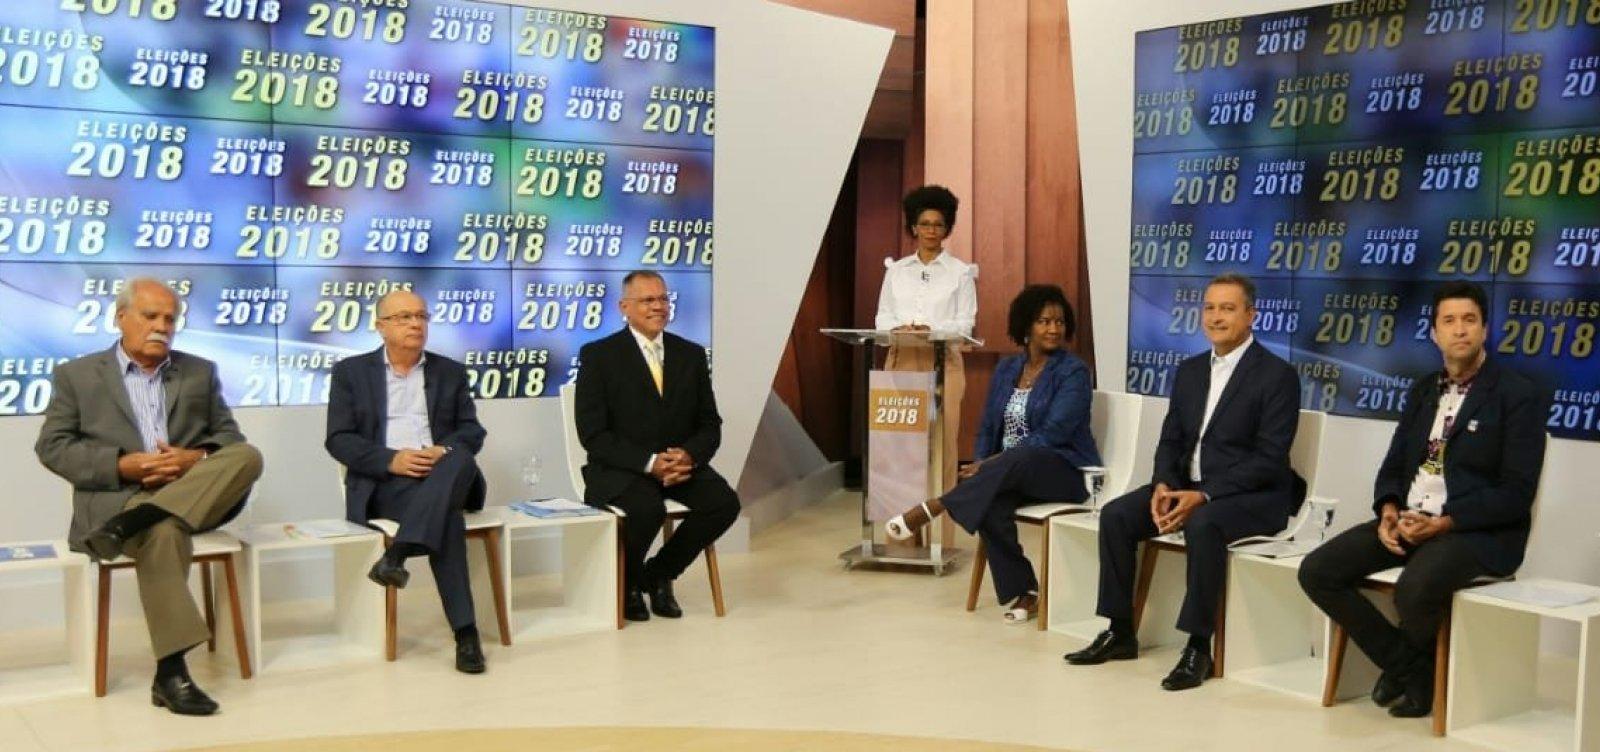 [Agenda: candidatos se enfrentam hoje em debate na TV]